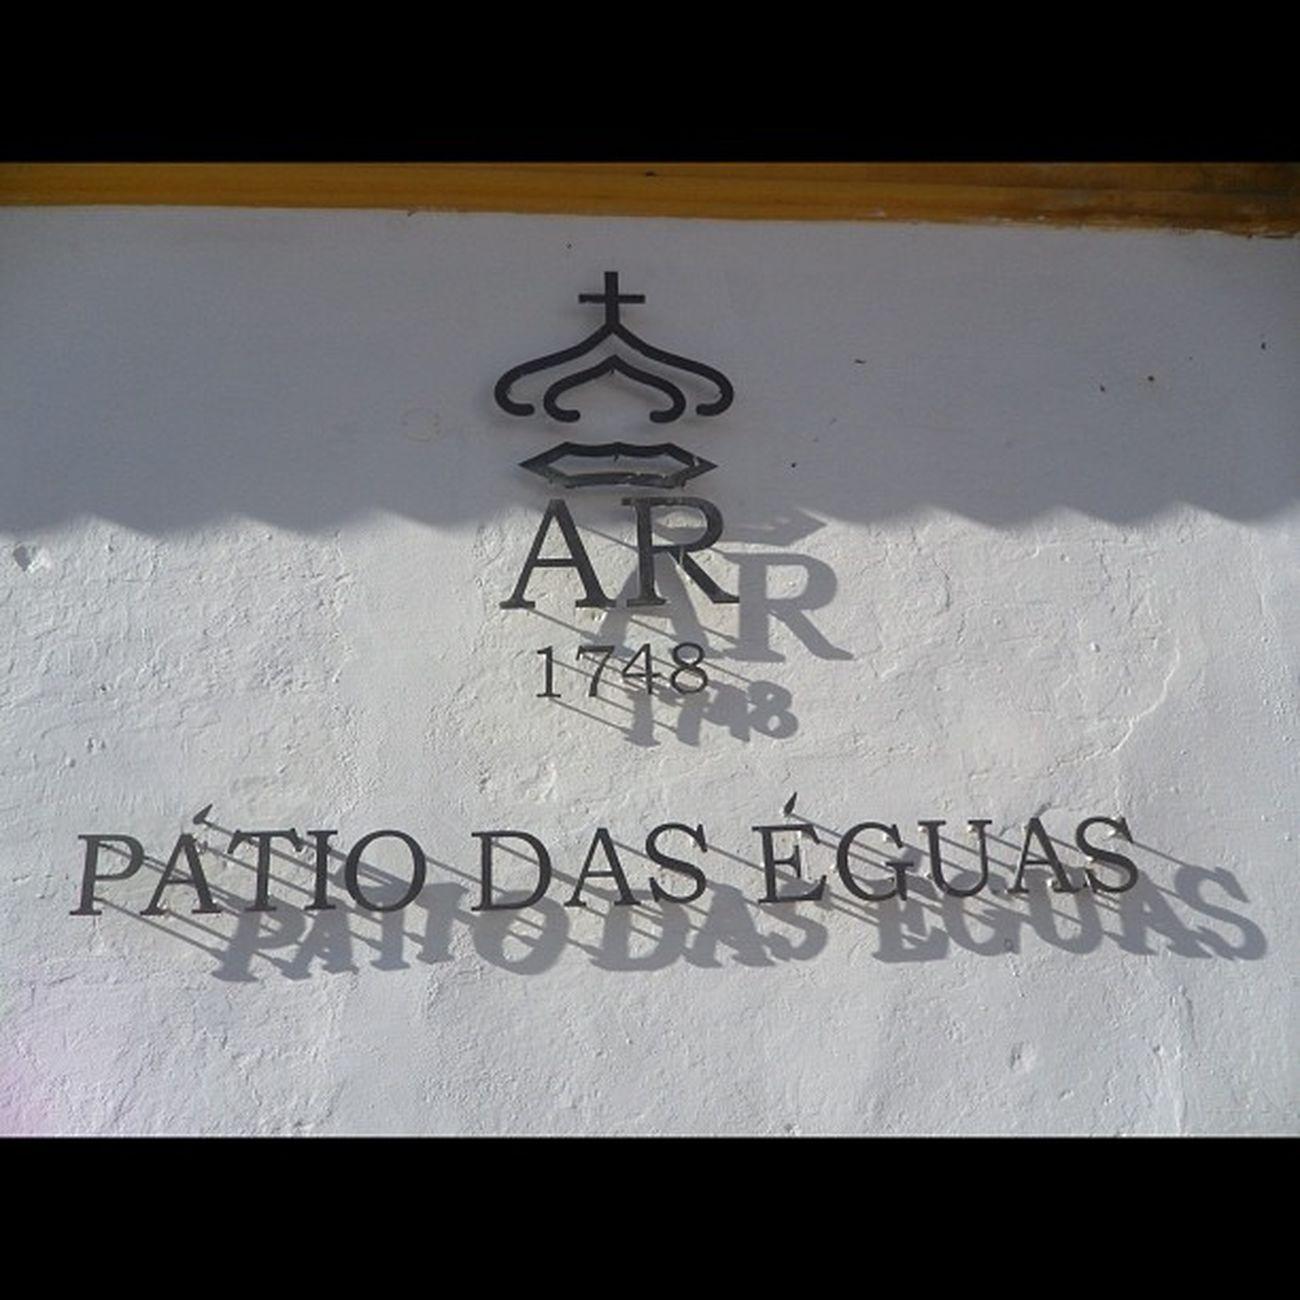 Pátio Éguas Igers Alentejo Igersportugal Alterreal Alterdochao Coudelariadealter